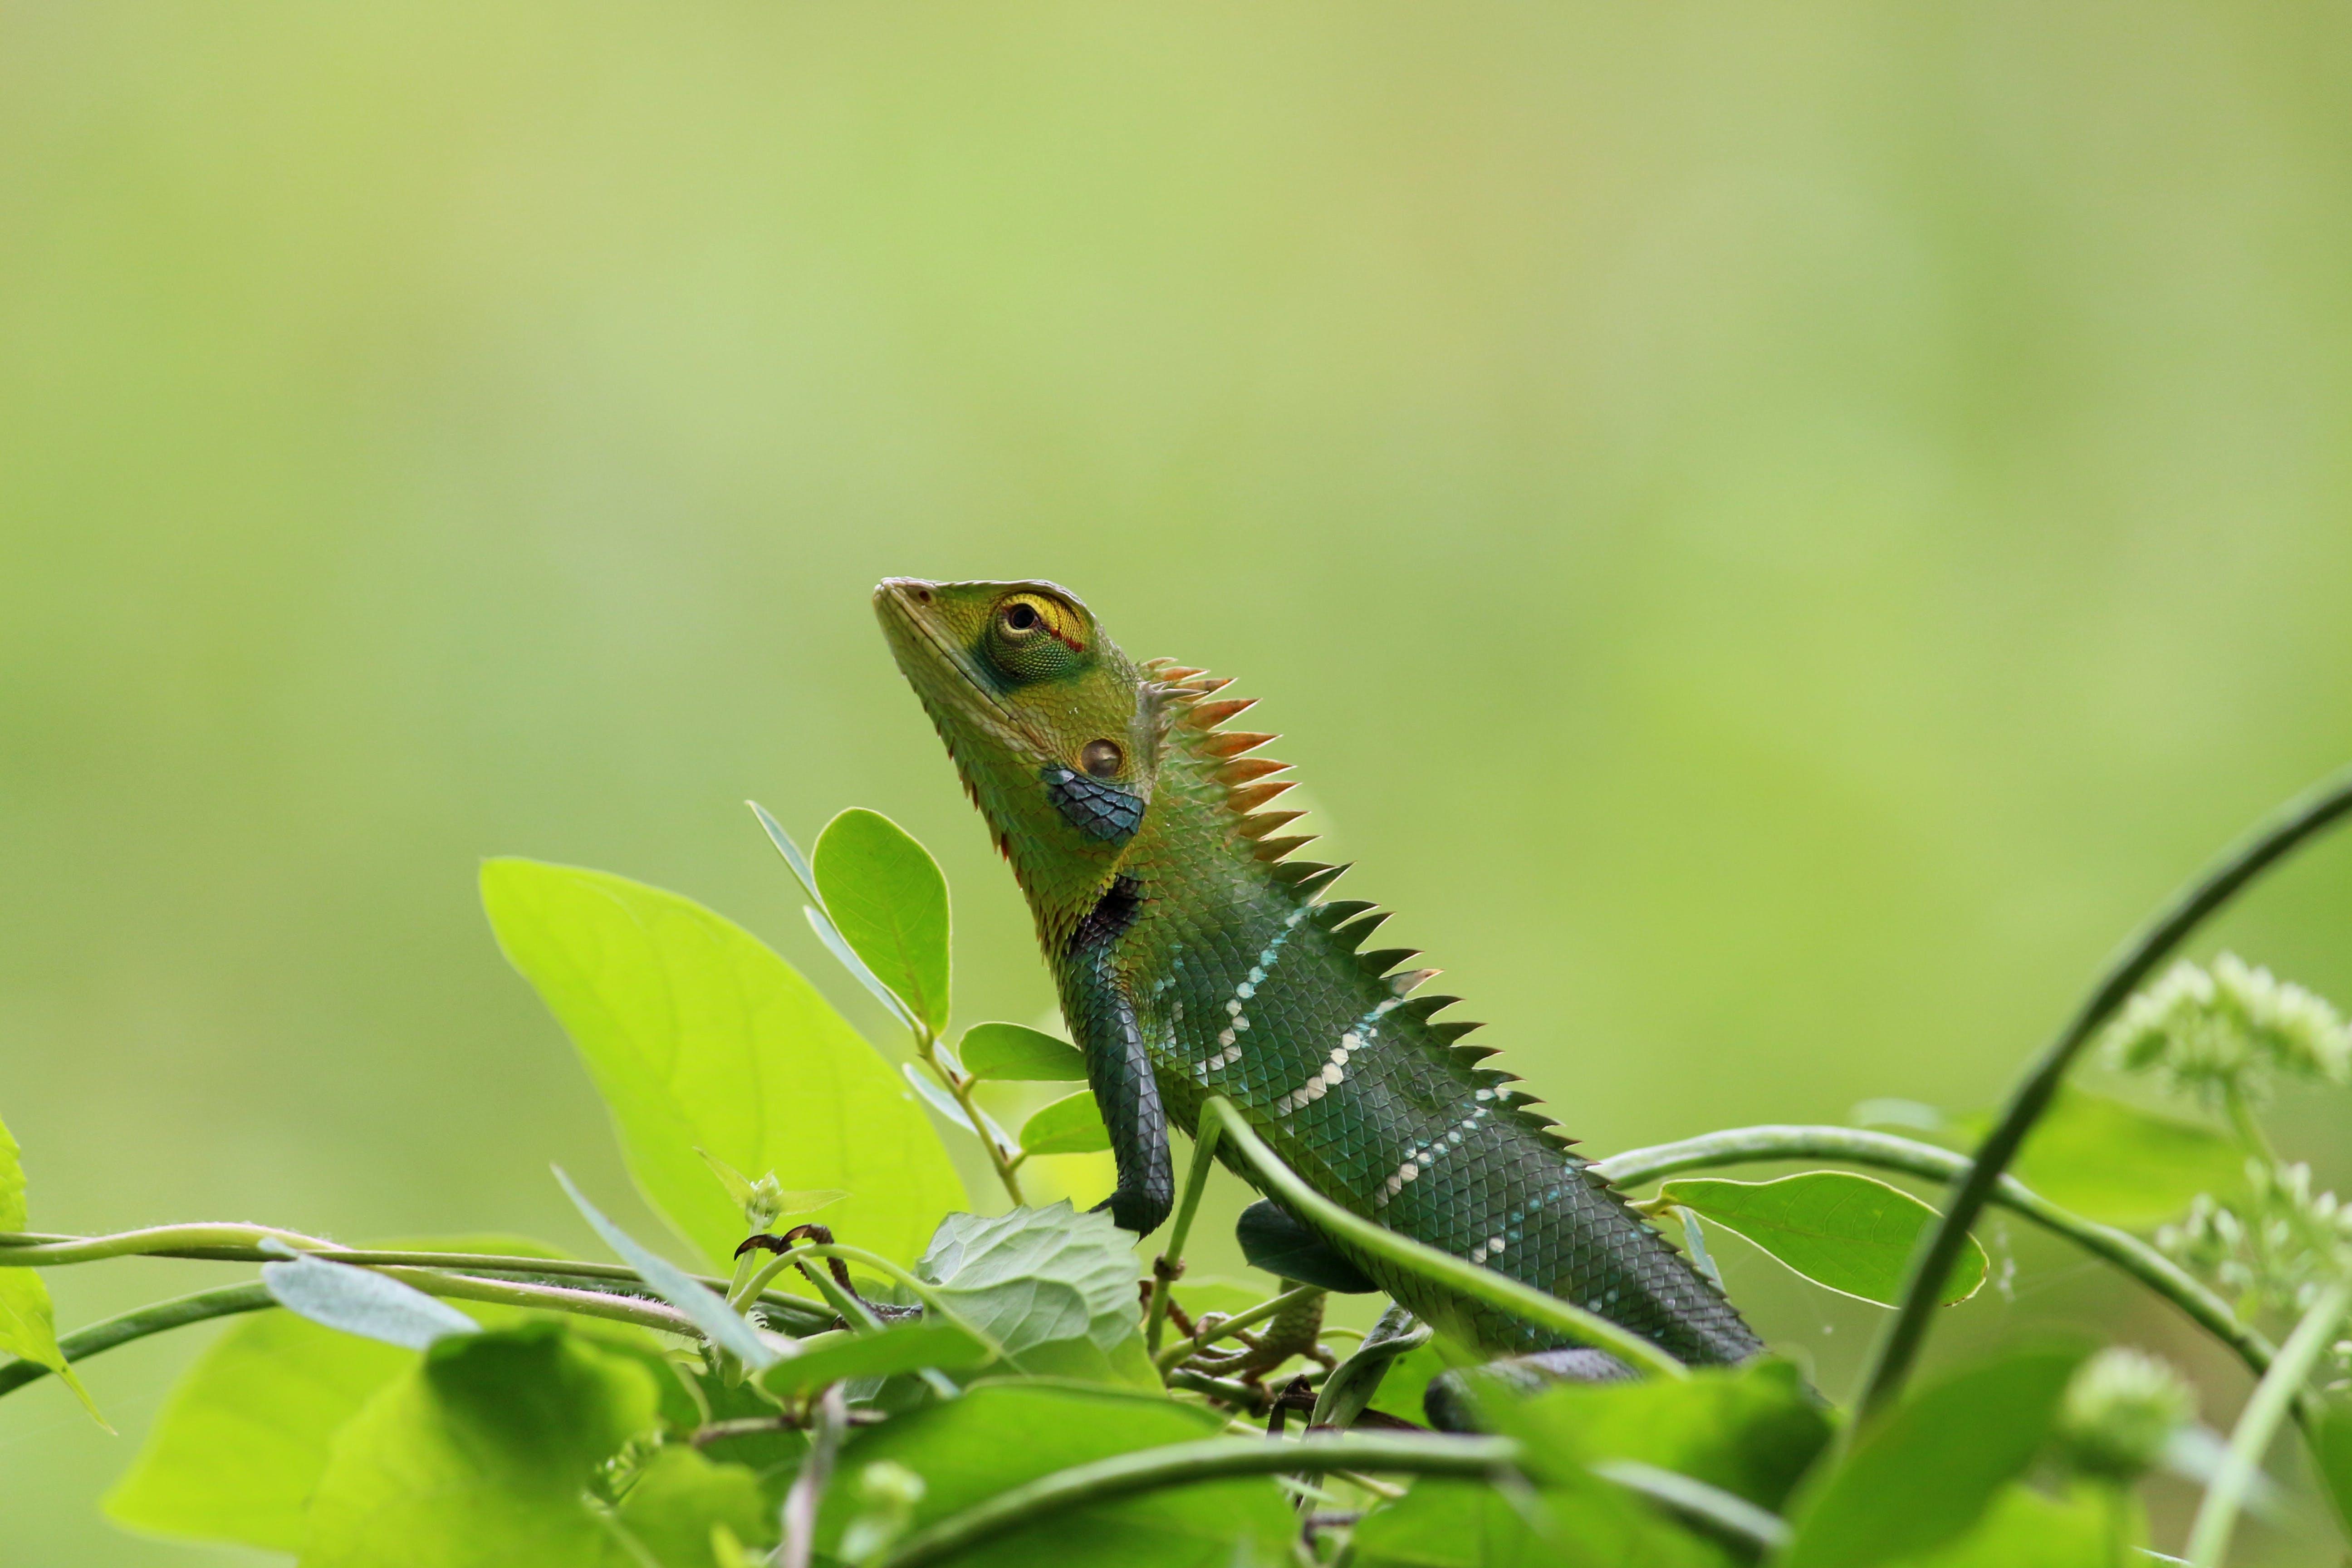 chameleon, green, nature